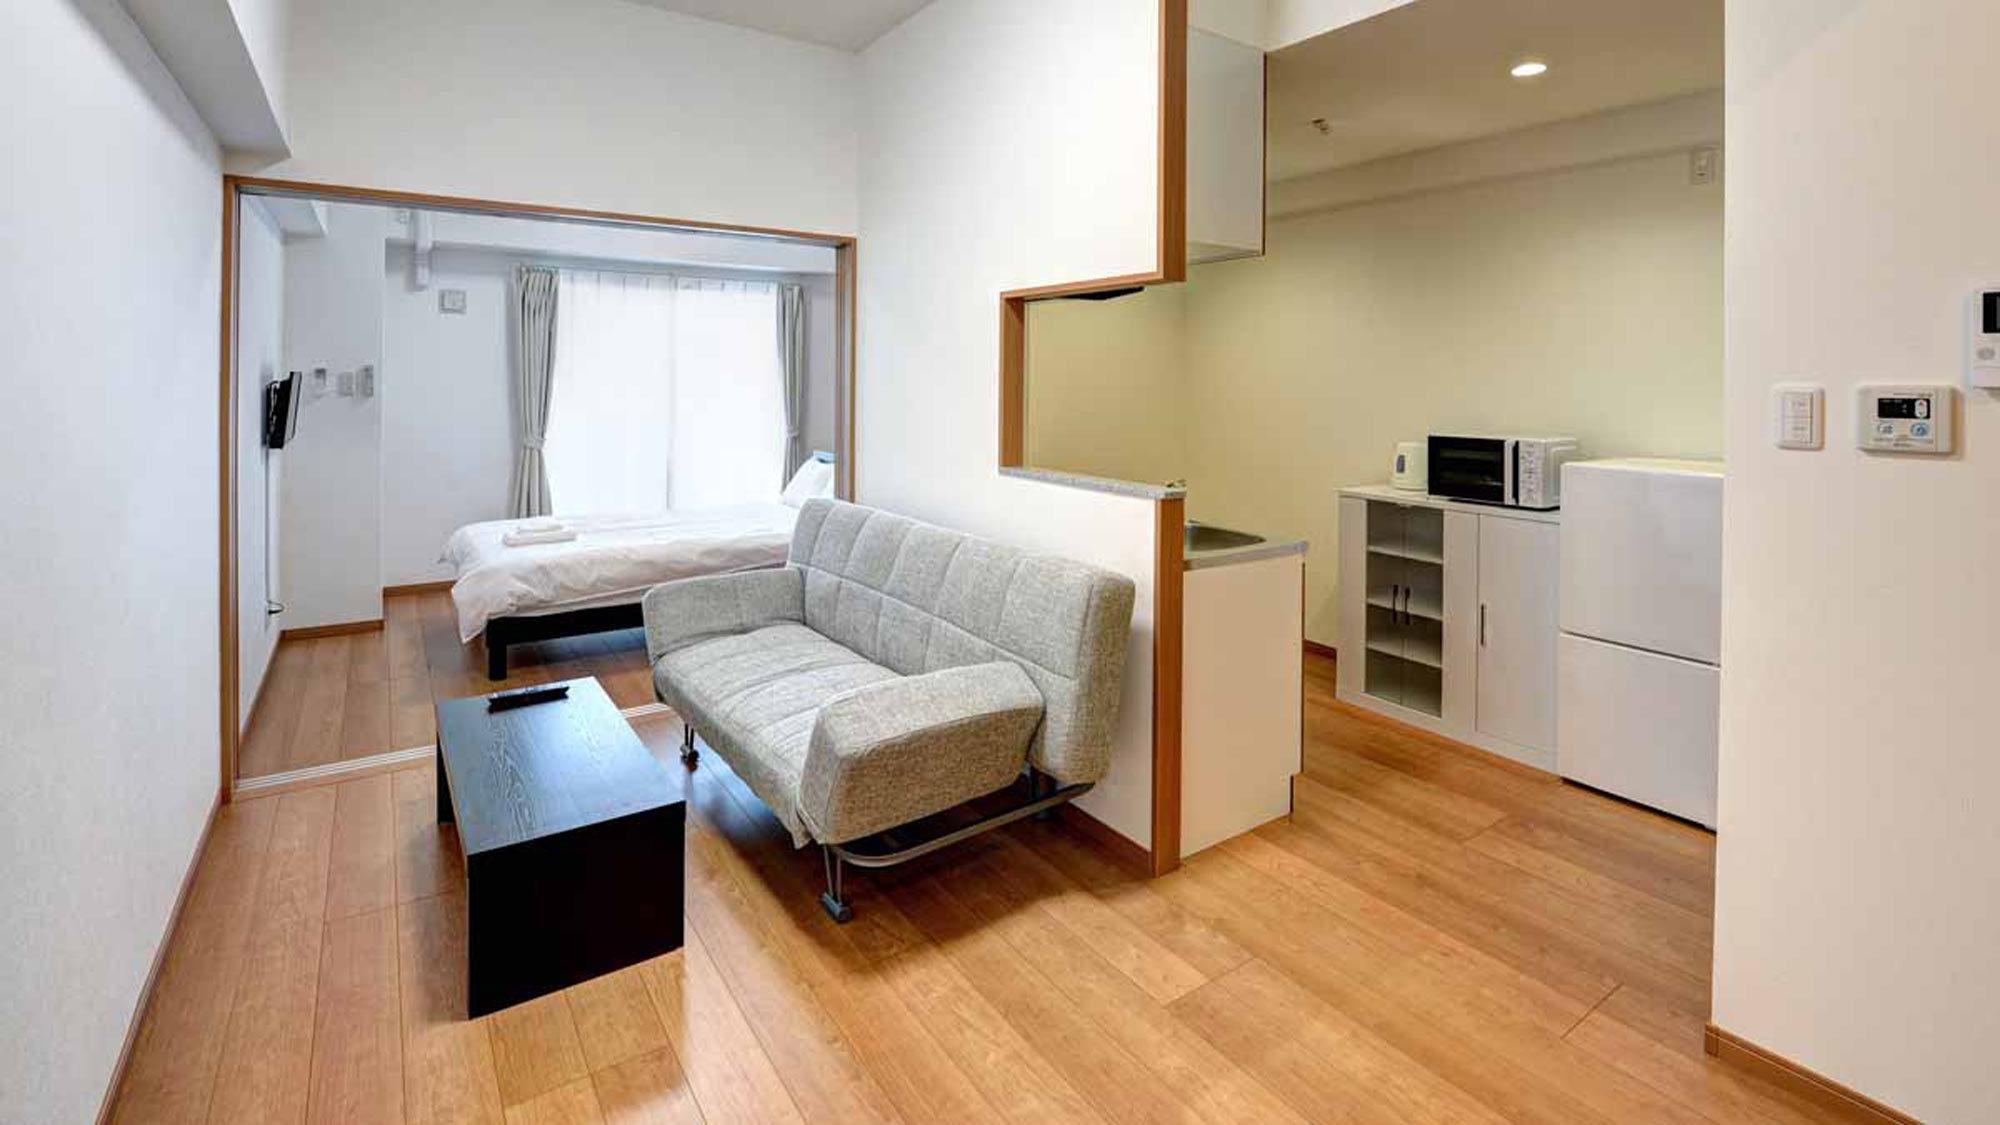 *セミダブル一例/キッチン・リビング・ベッドスペースと、住居のように暮らせるのが魅力!